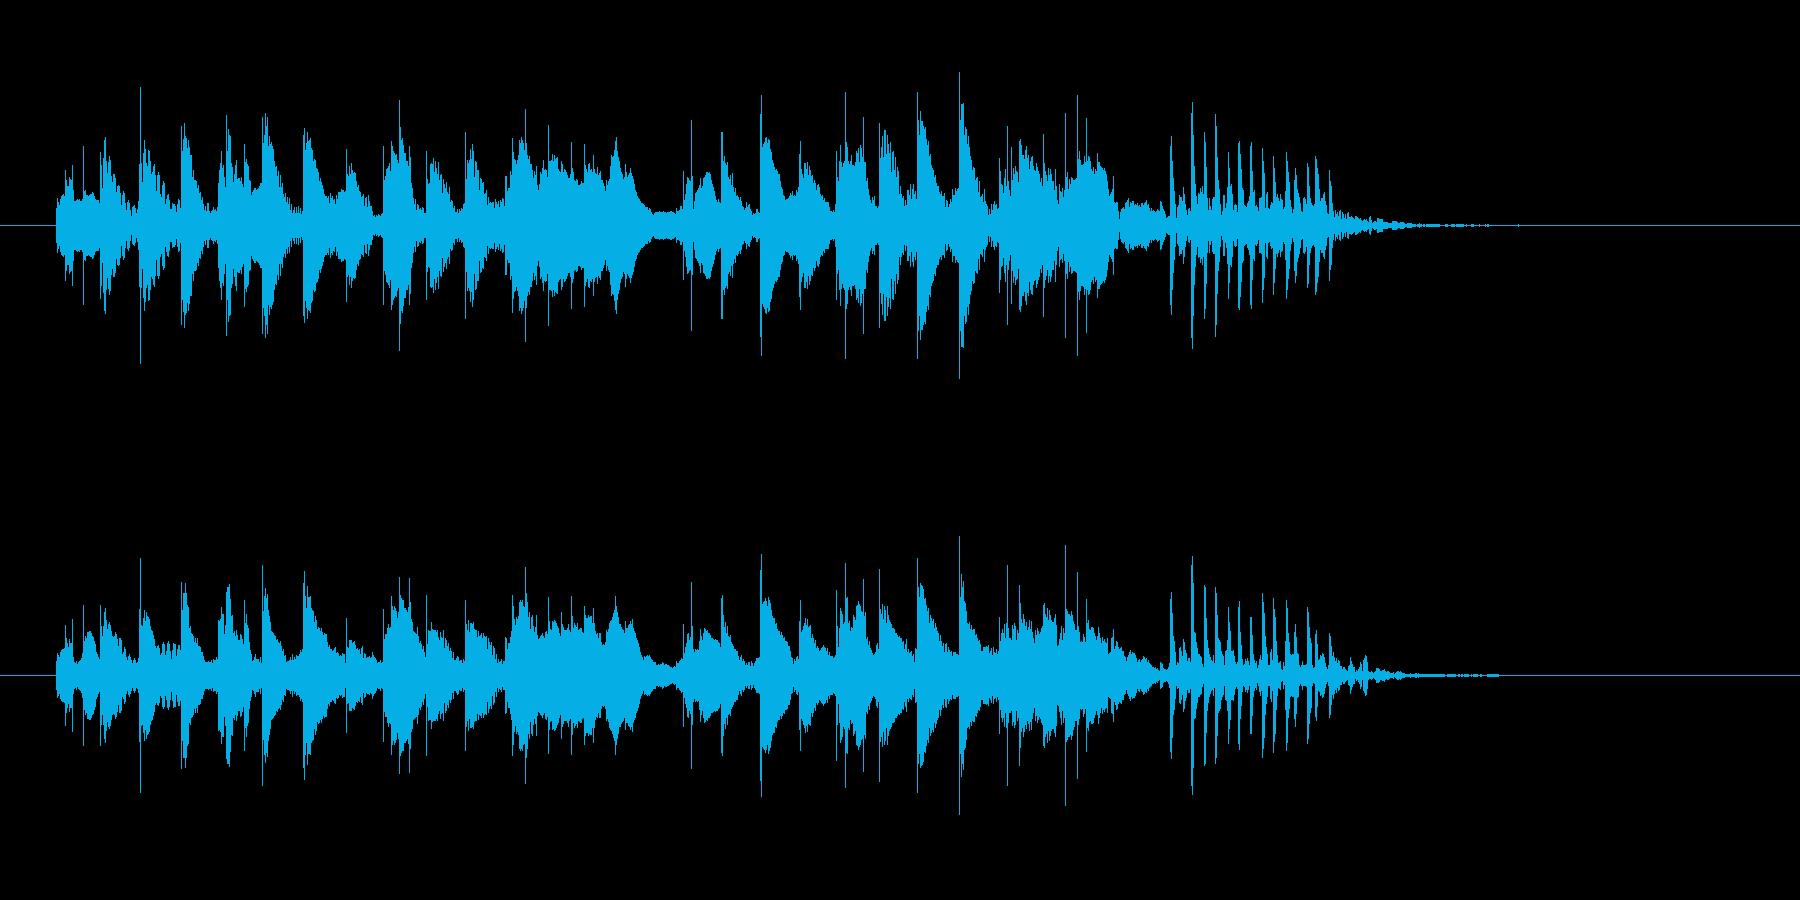 軽やかな木琴打楽器音(ジングル、転換)の再生済みの波形